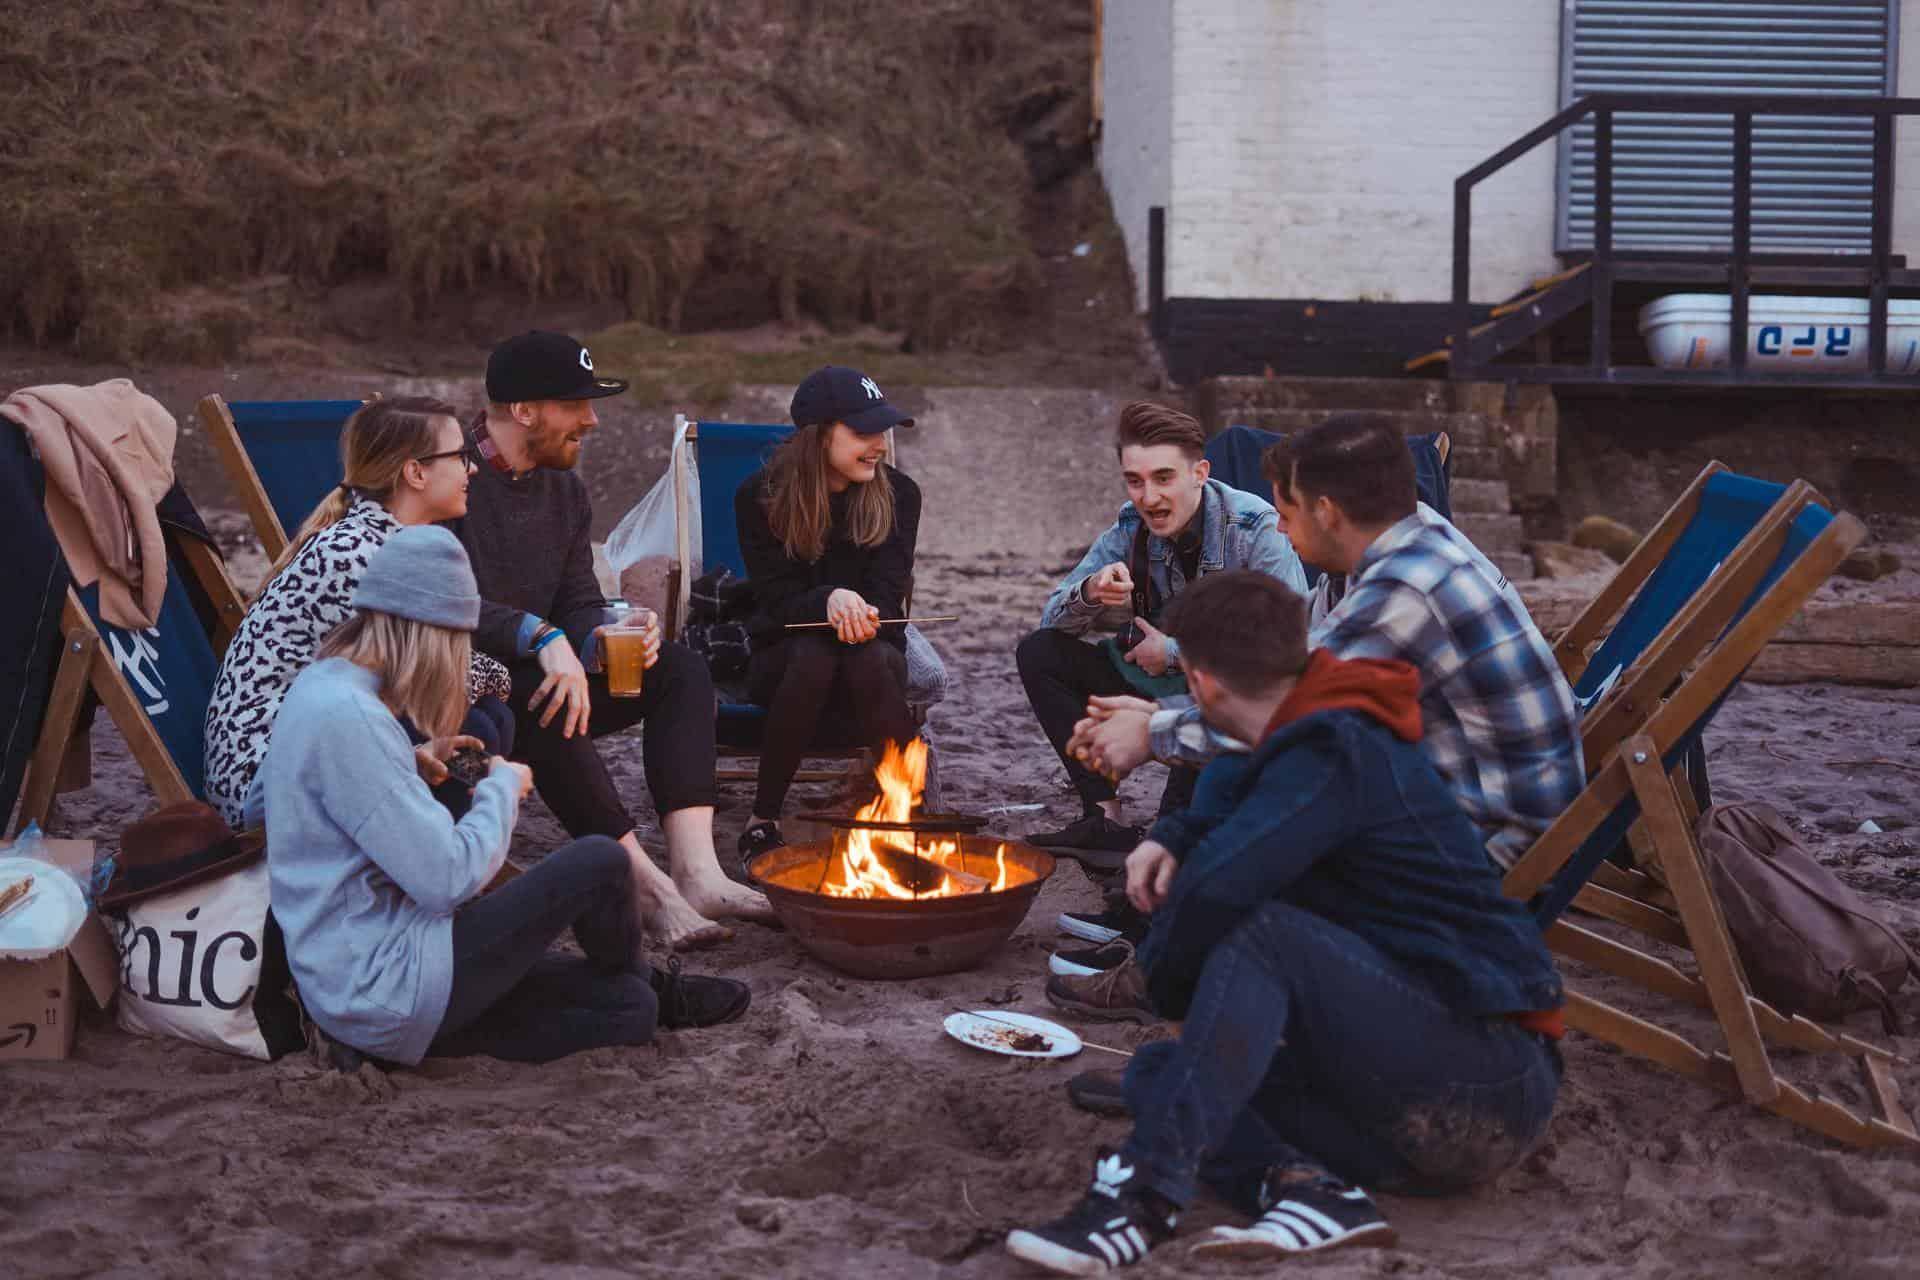 gente acampando en la naturaleza